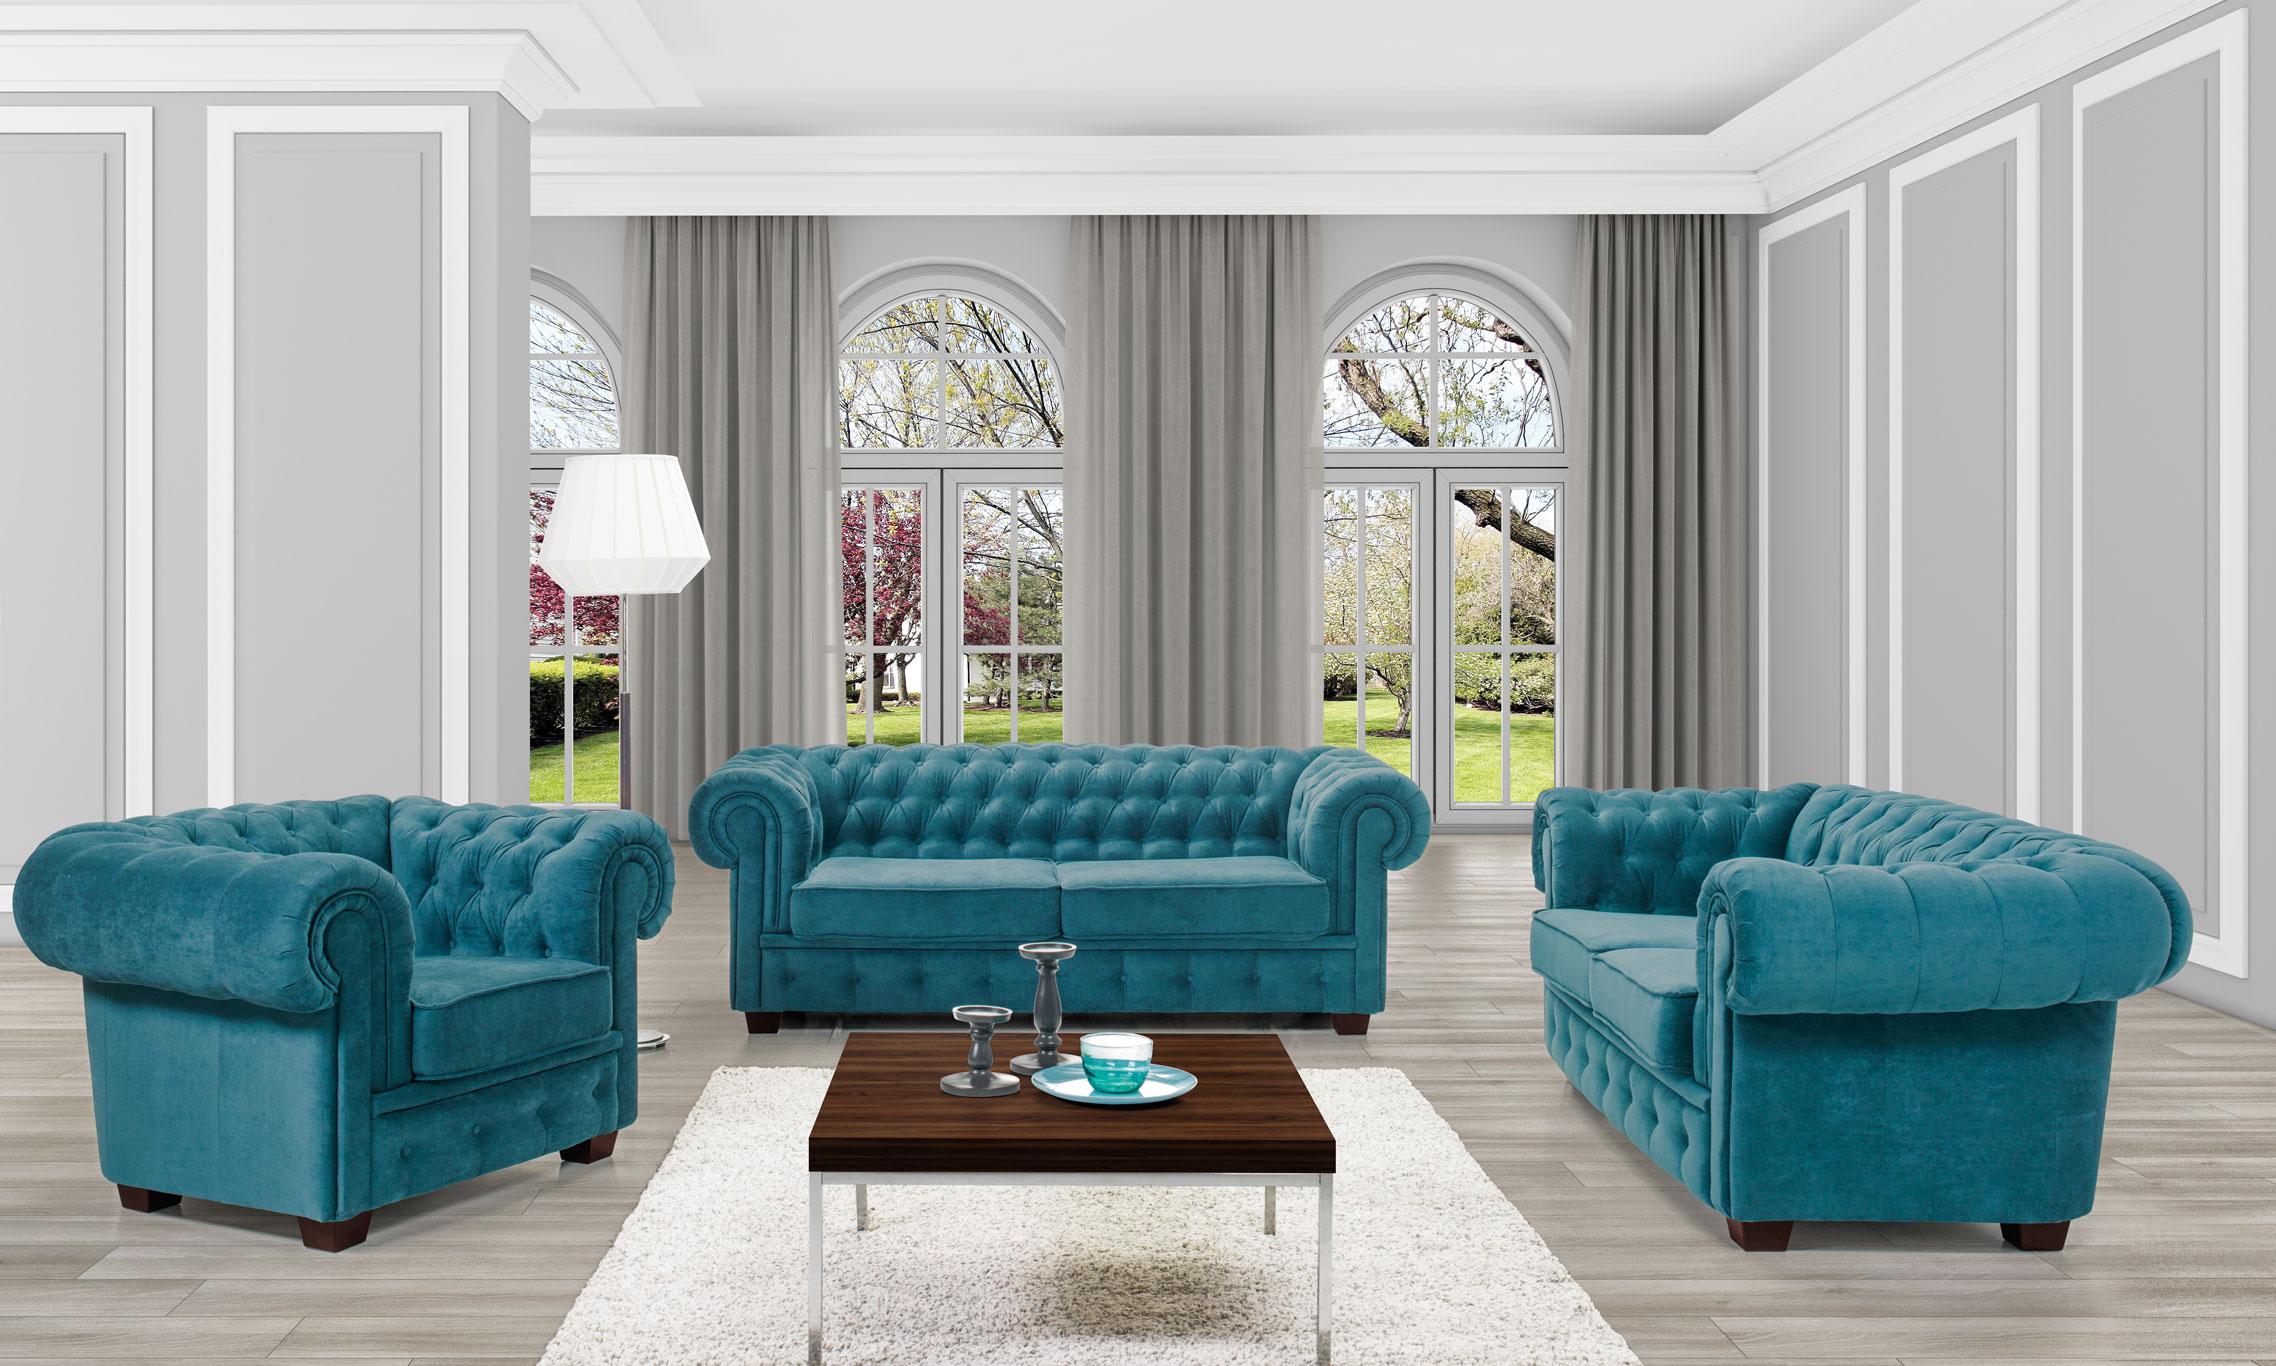 Full Size of Qualitt Sofa Angebote Xxl U Form Großes Mit Verstellbarer Sitztiefe Canape Boxspring Weiches Blaues Recamiere Kolonialstil Modulares Husse 3 Sitzer Langes Sofa Günstige Sofa